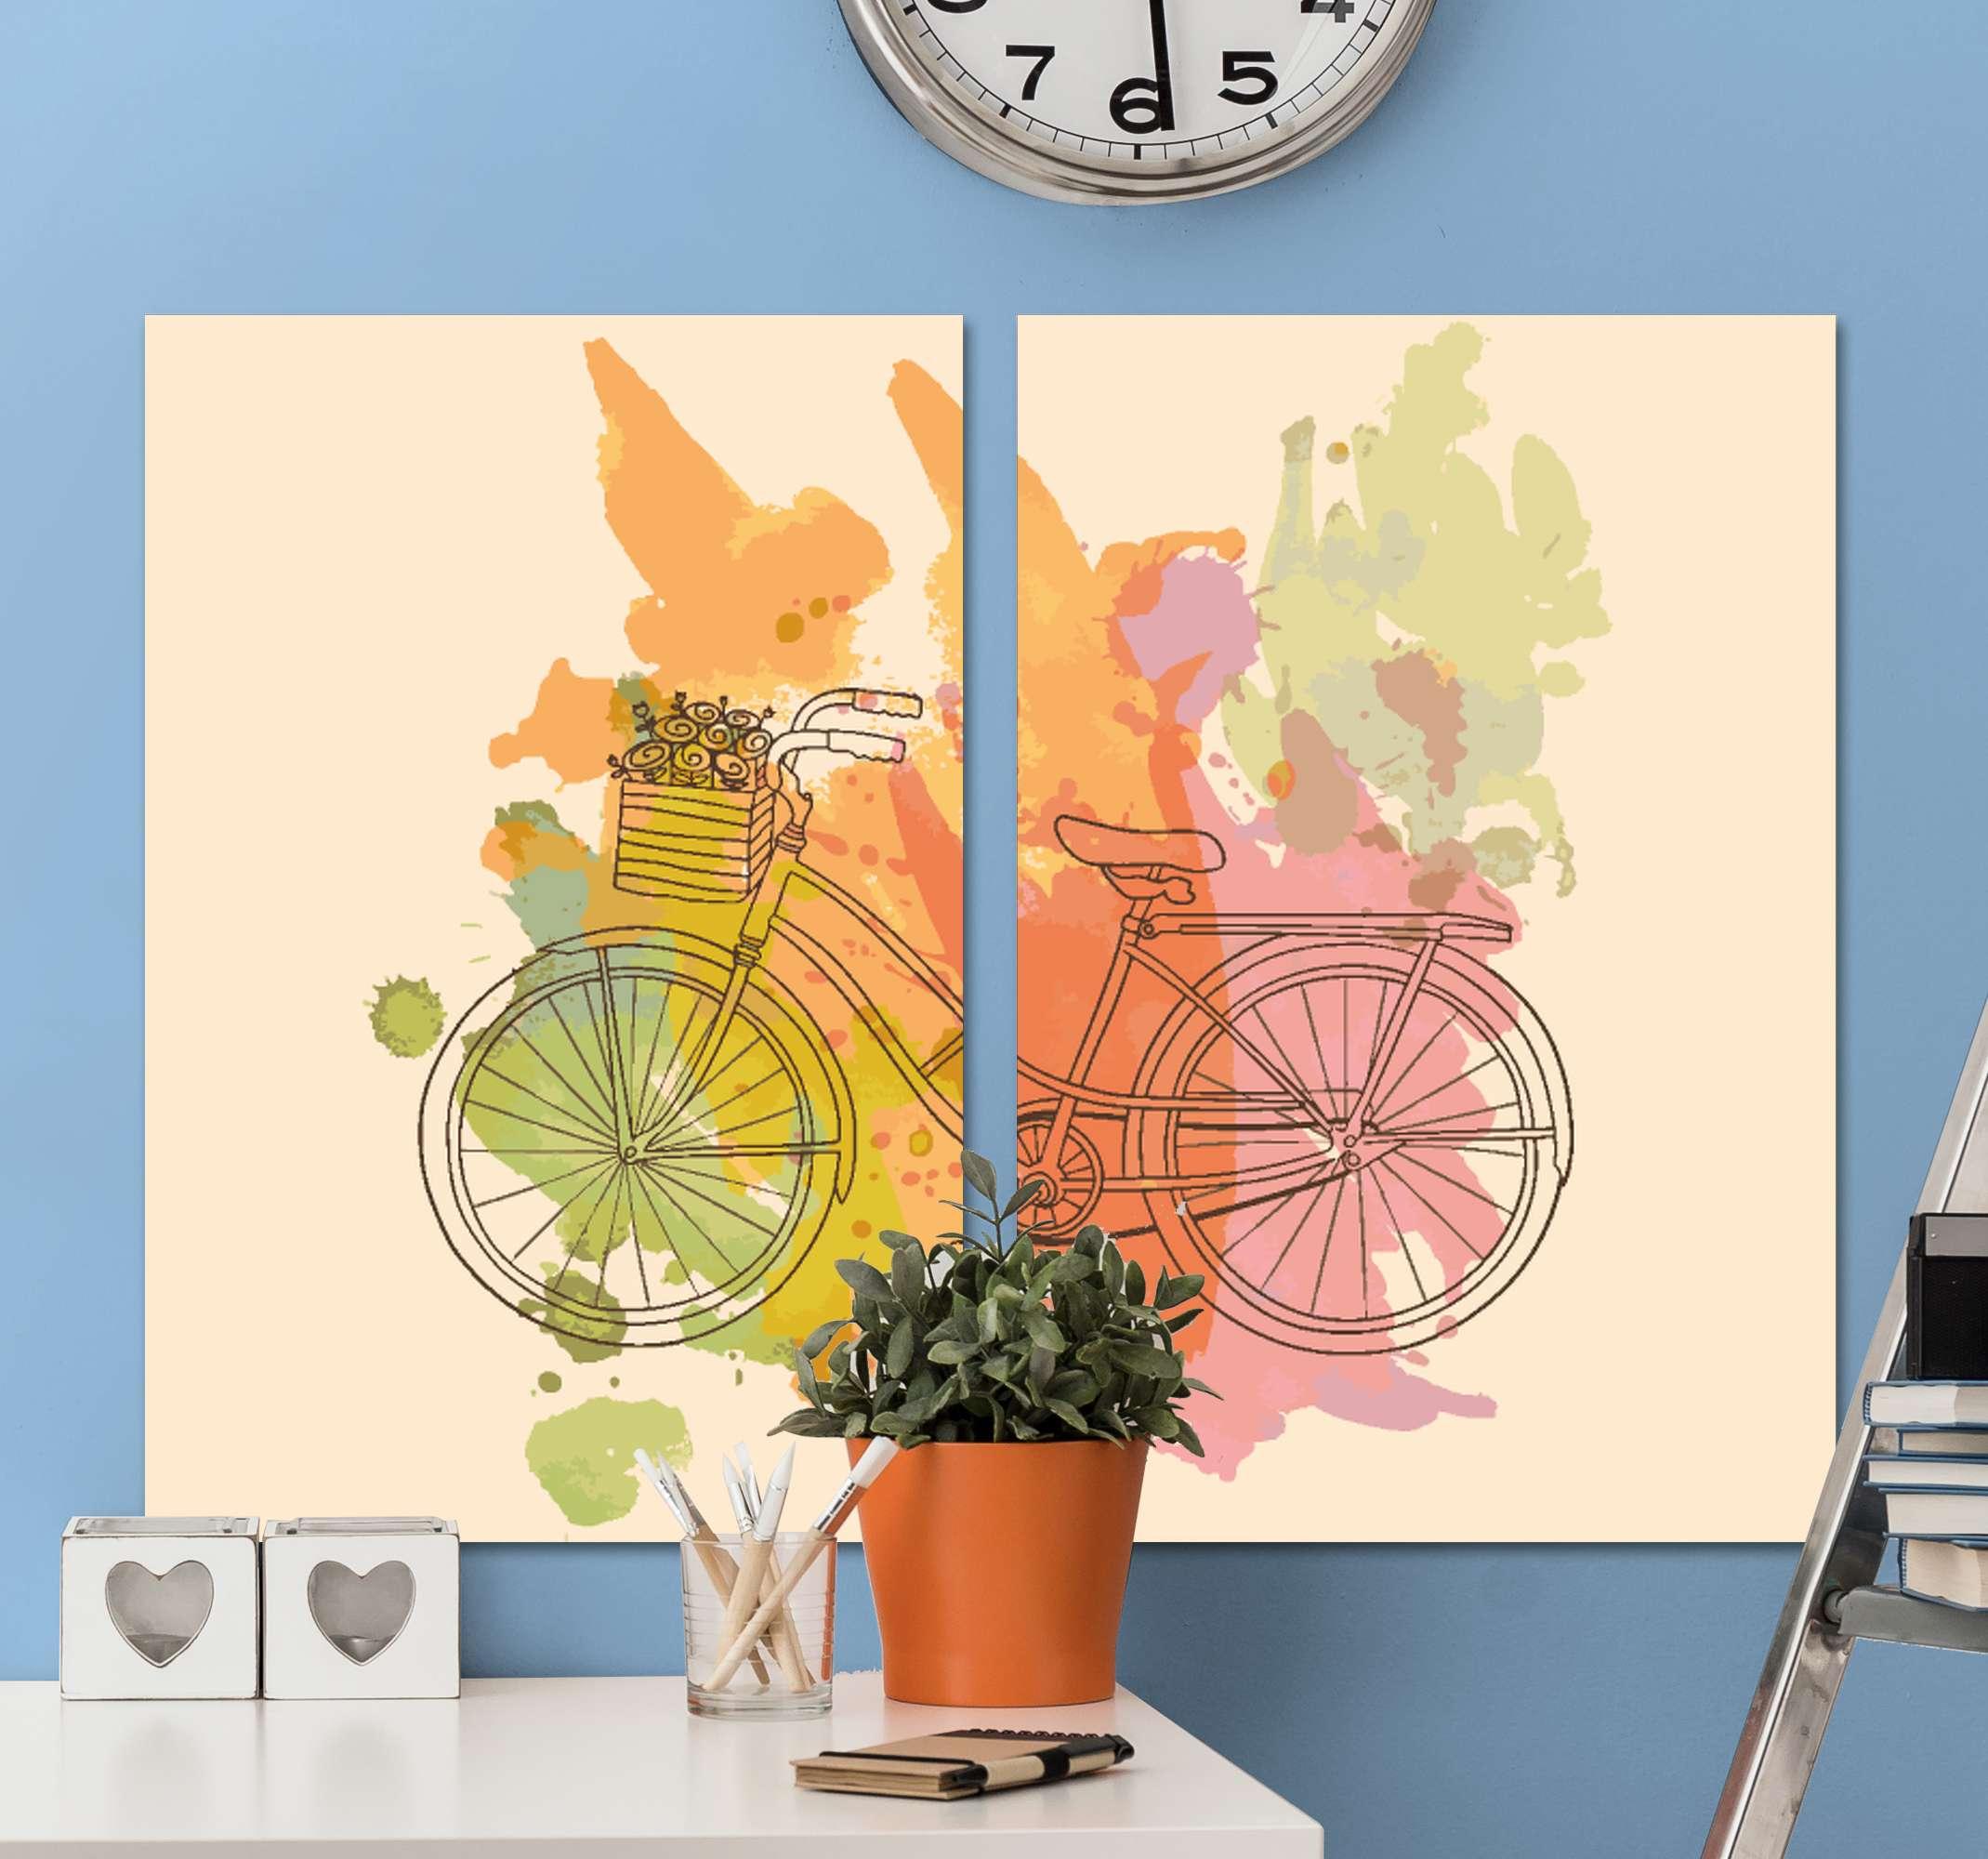 TenStickers. Vintage cykel med blomster vintage vægtryk. En cykel med blomster retro lærredskunst. Perfekt til ethvert rum i et hus og til et kontor for at tilføje et vintage touch på et rum.